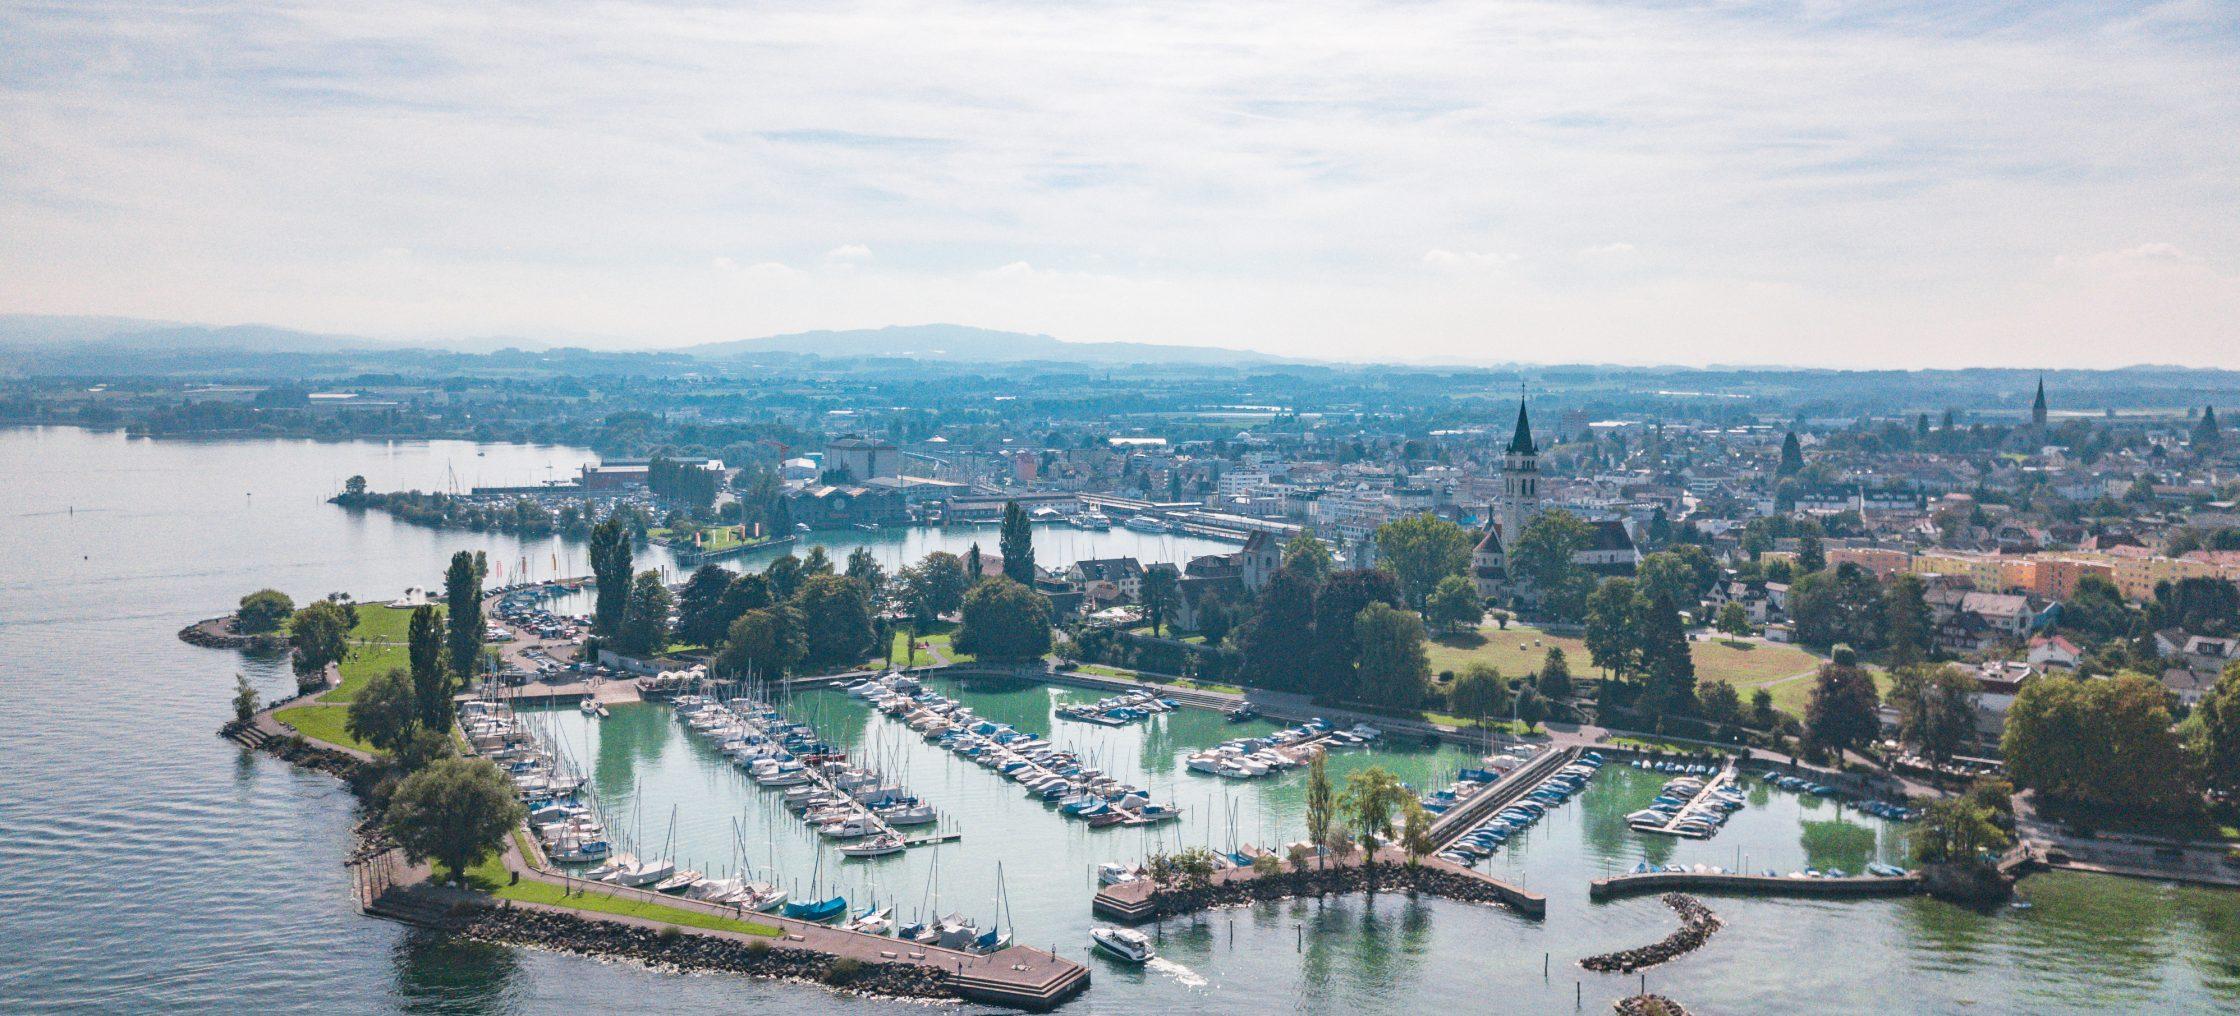 Bodensee Romanshorn, Drohnenansicht vom Hafen